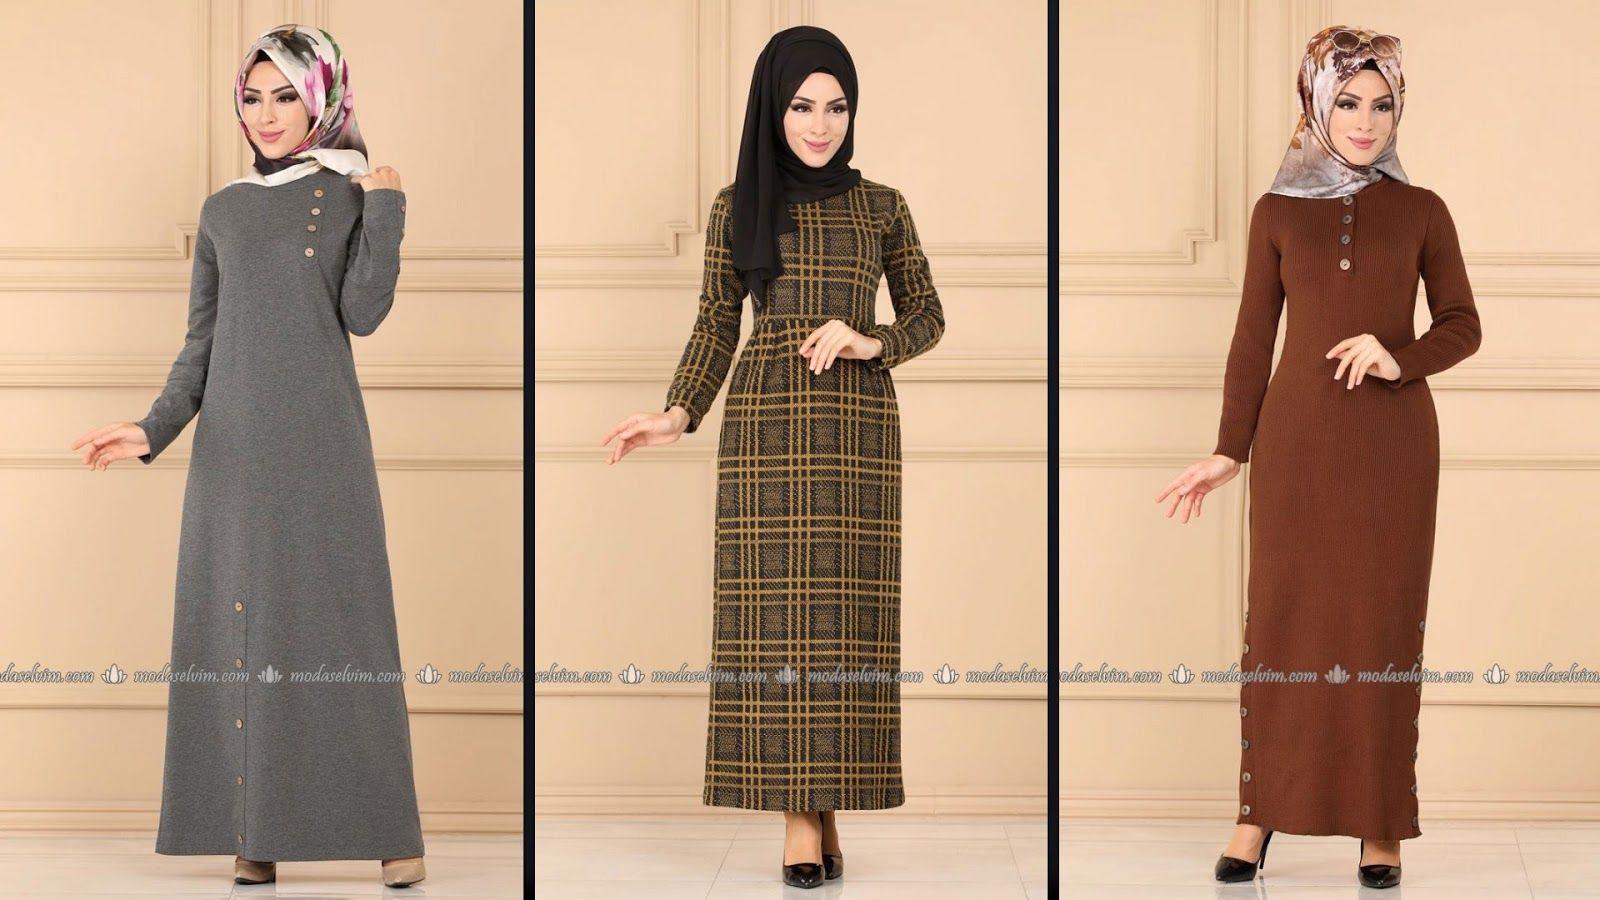 Modaselvim 2020 Kislik Elbise Modelleri 8 34 2020 Kislik Tesettur Modaselvim Elbise Modellerimodaselvim Nbsp Tarafindan Elbise Modelleri Elbise Moda Stilleri